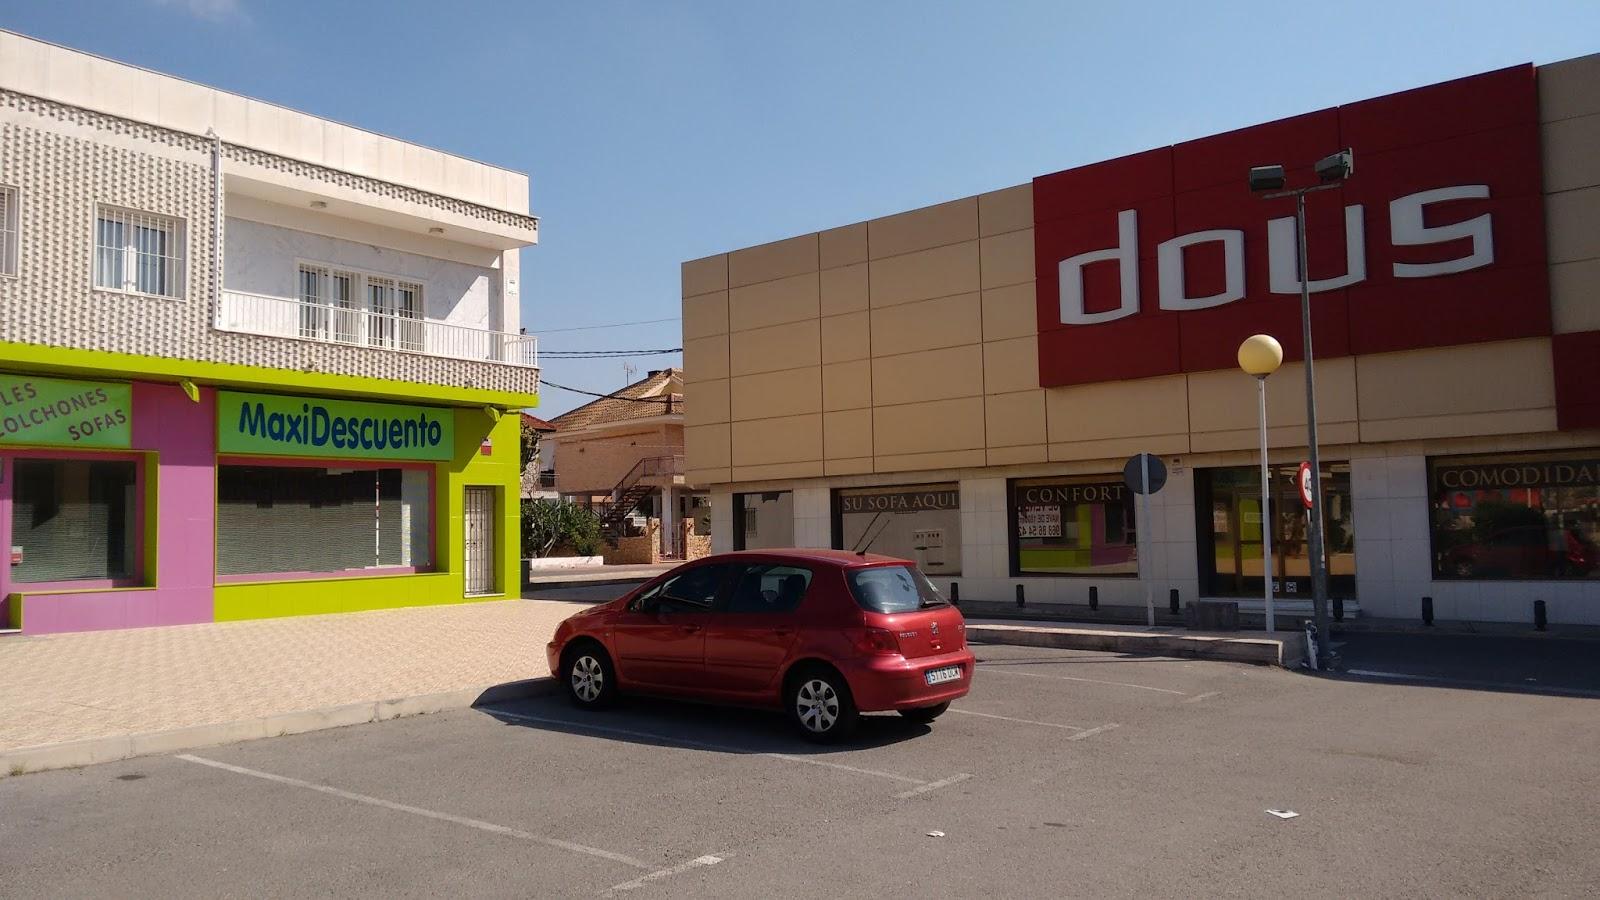 Quieres Comprar Un Local Comercial En Murcia Julio 2015 # Muebles Dous Murcia